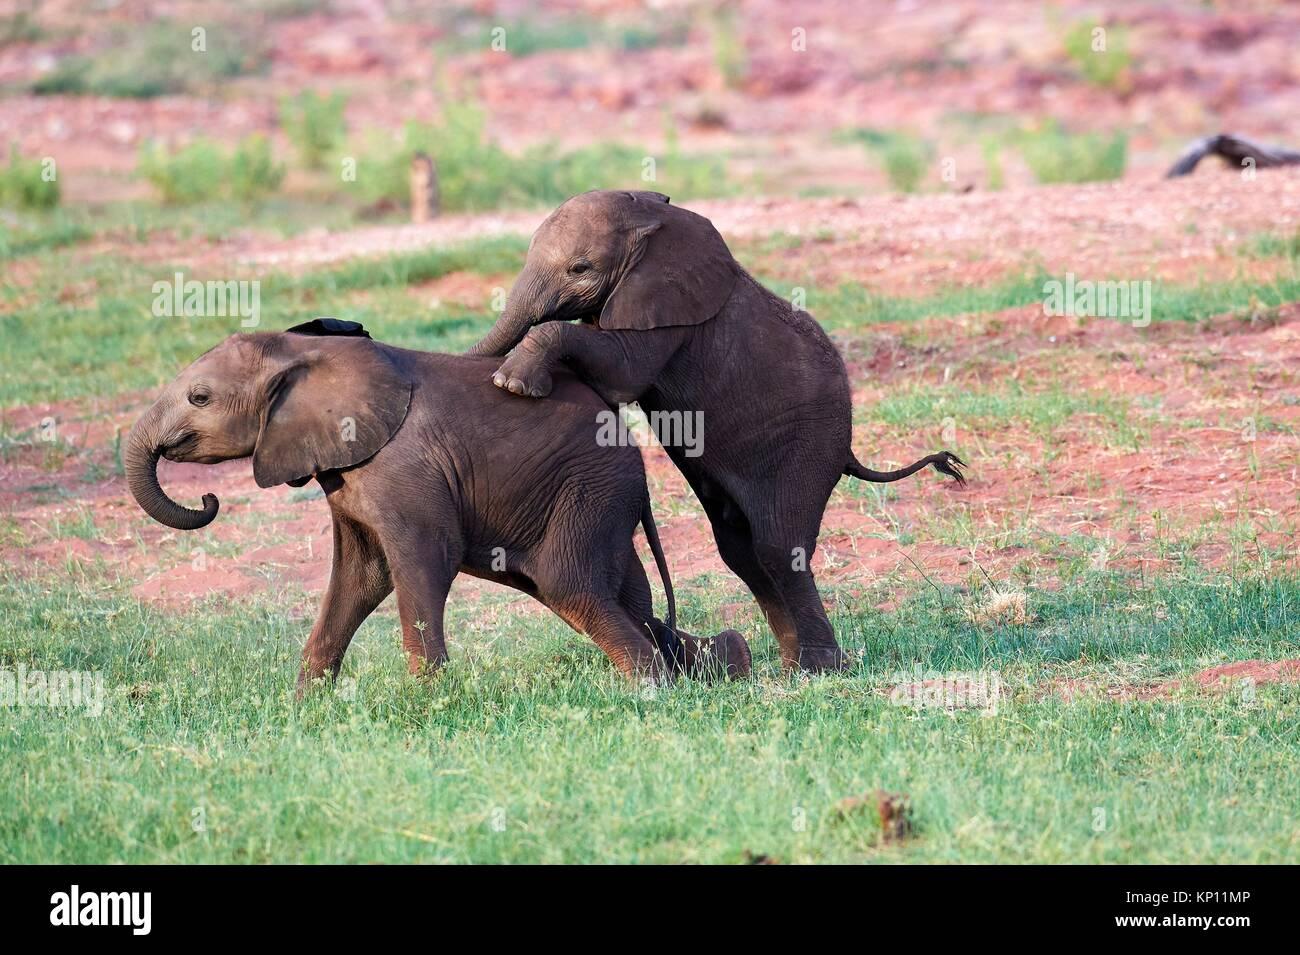 African elephant, calves of different ages playing (Loxodonta africana), Matusadona National Park, Zimbabwe. - Stock Image